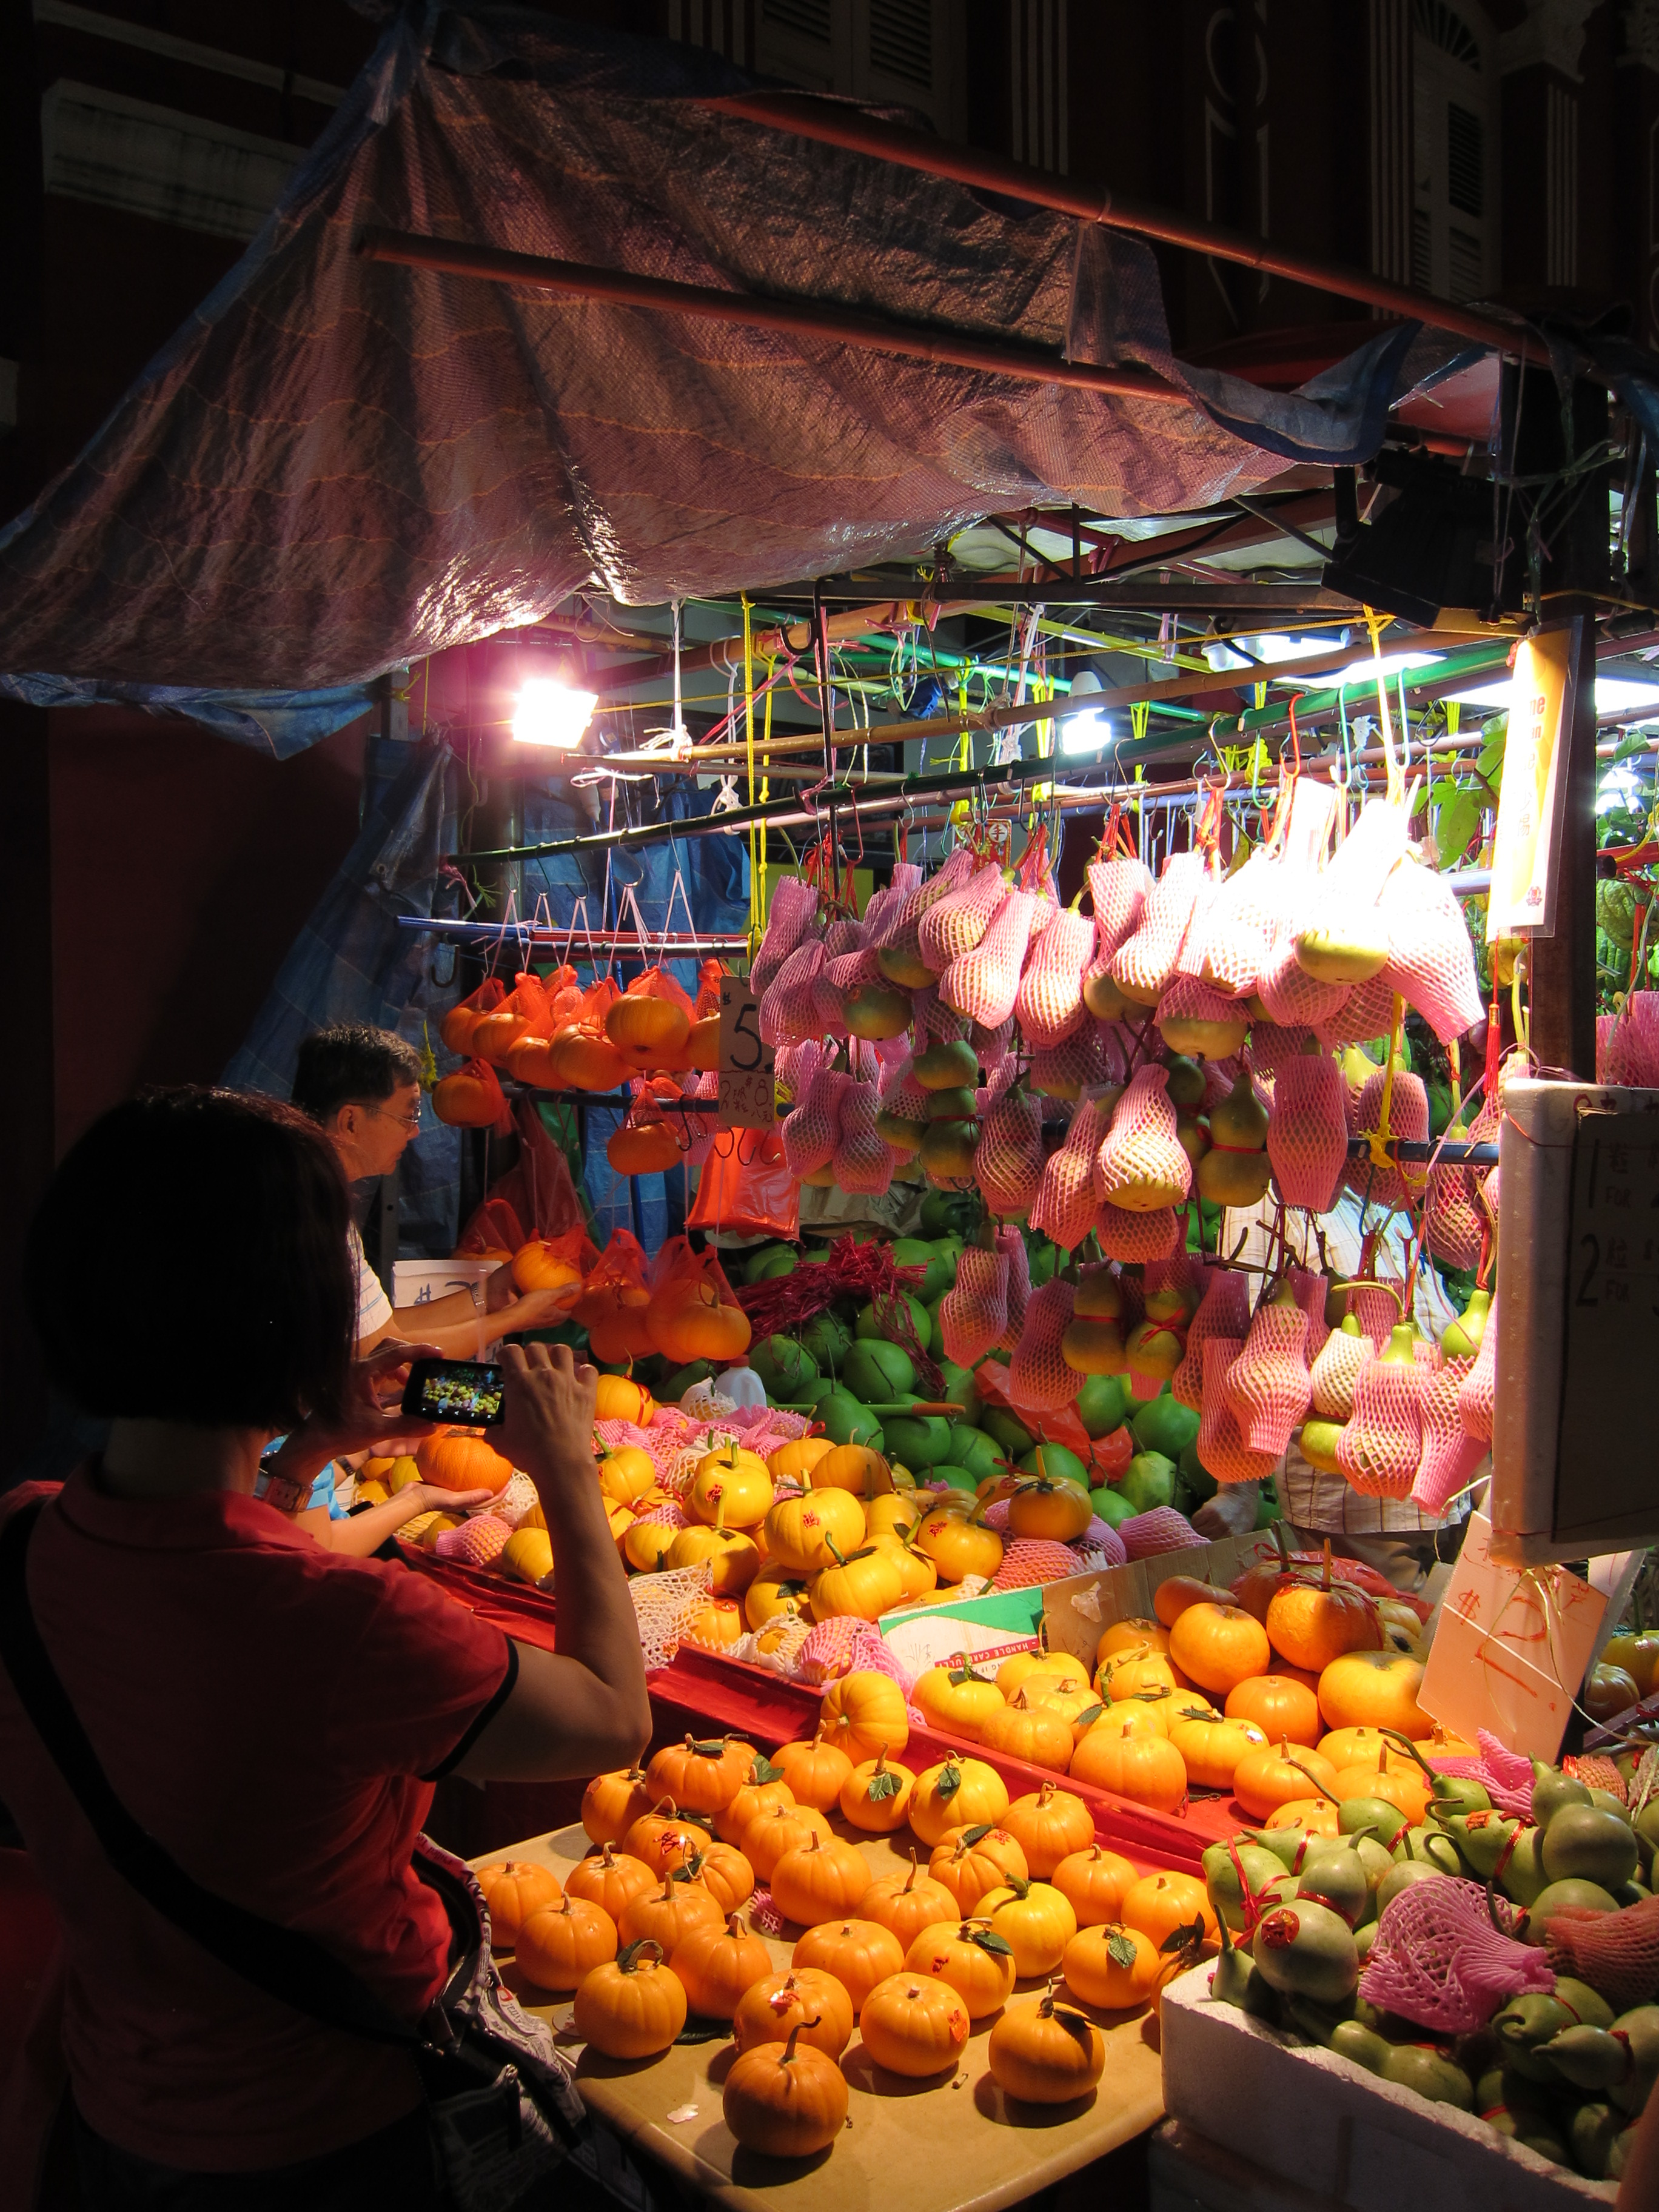 как видите, фрукты сингапура фото правильно